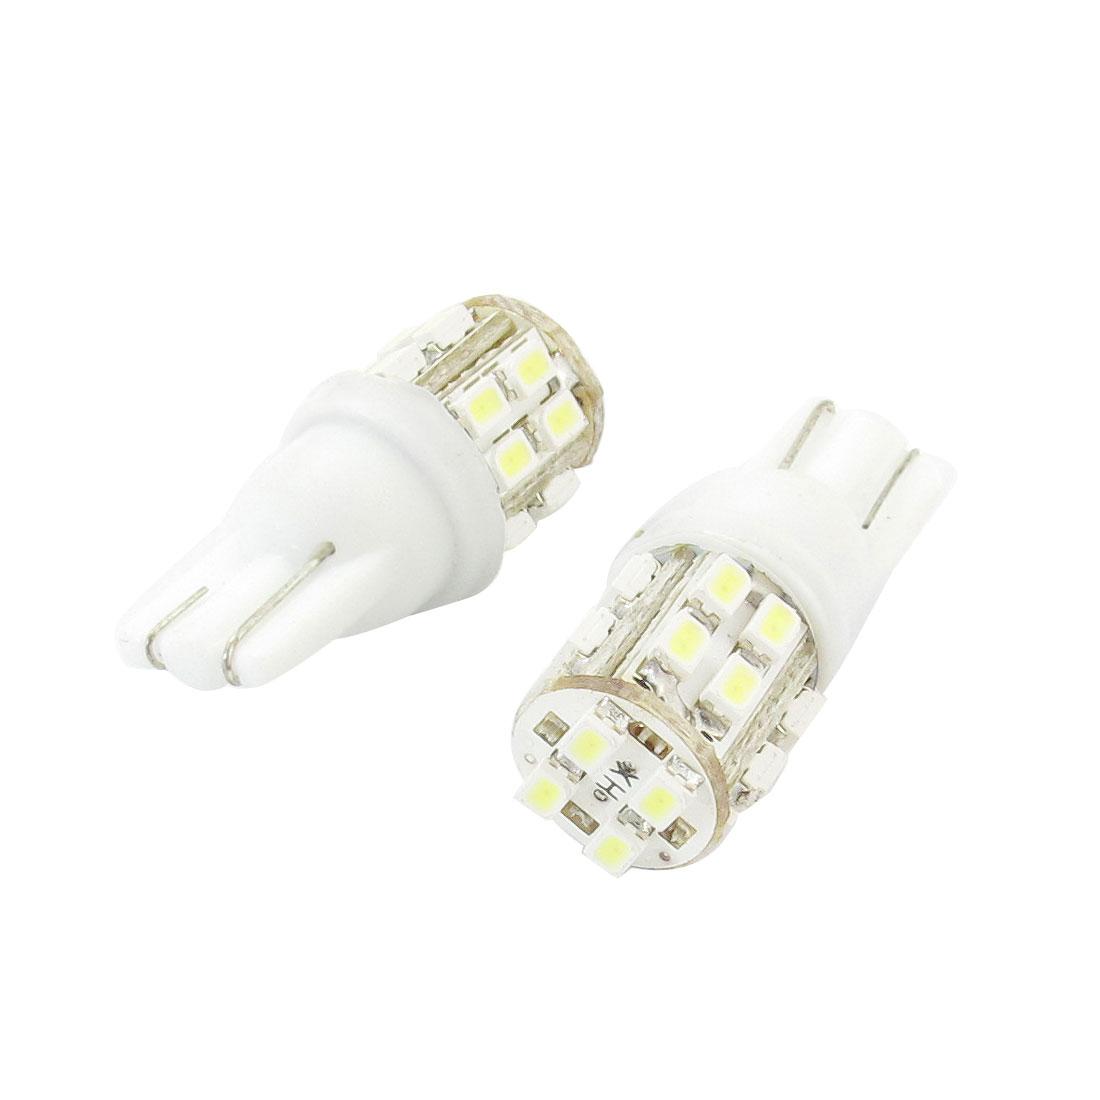 2 Pcs Car Auto T10 White 1206 20 SMD LED Tail Brake Light Bulb Lamp